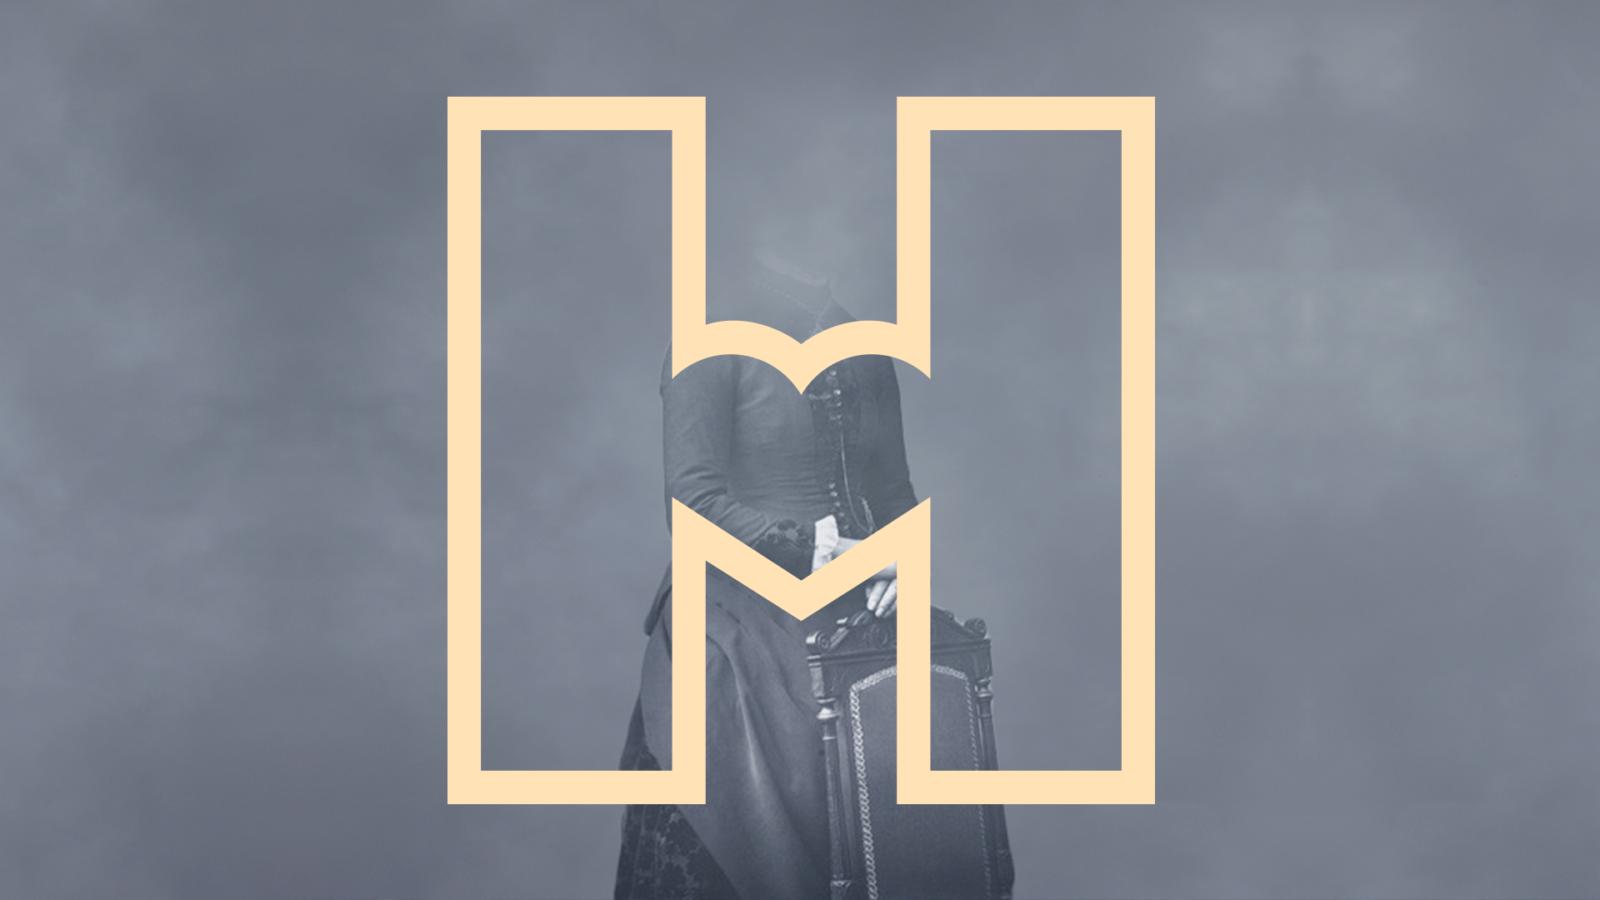 kaupunginmuseon logo